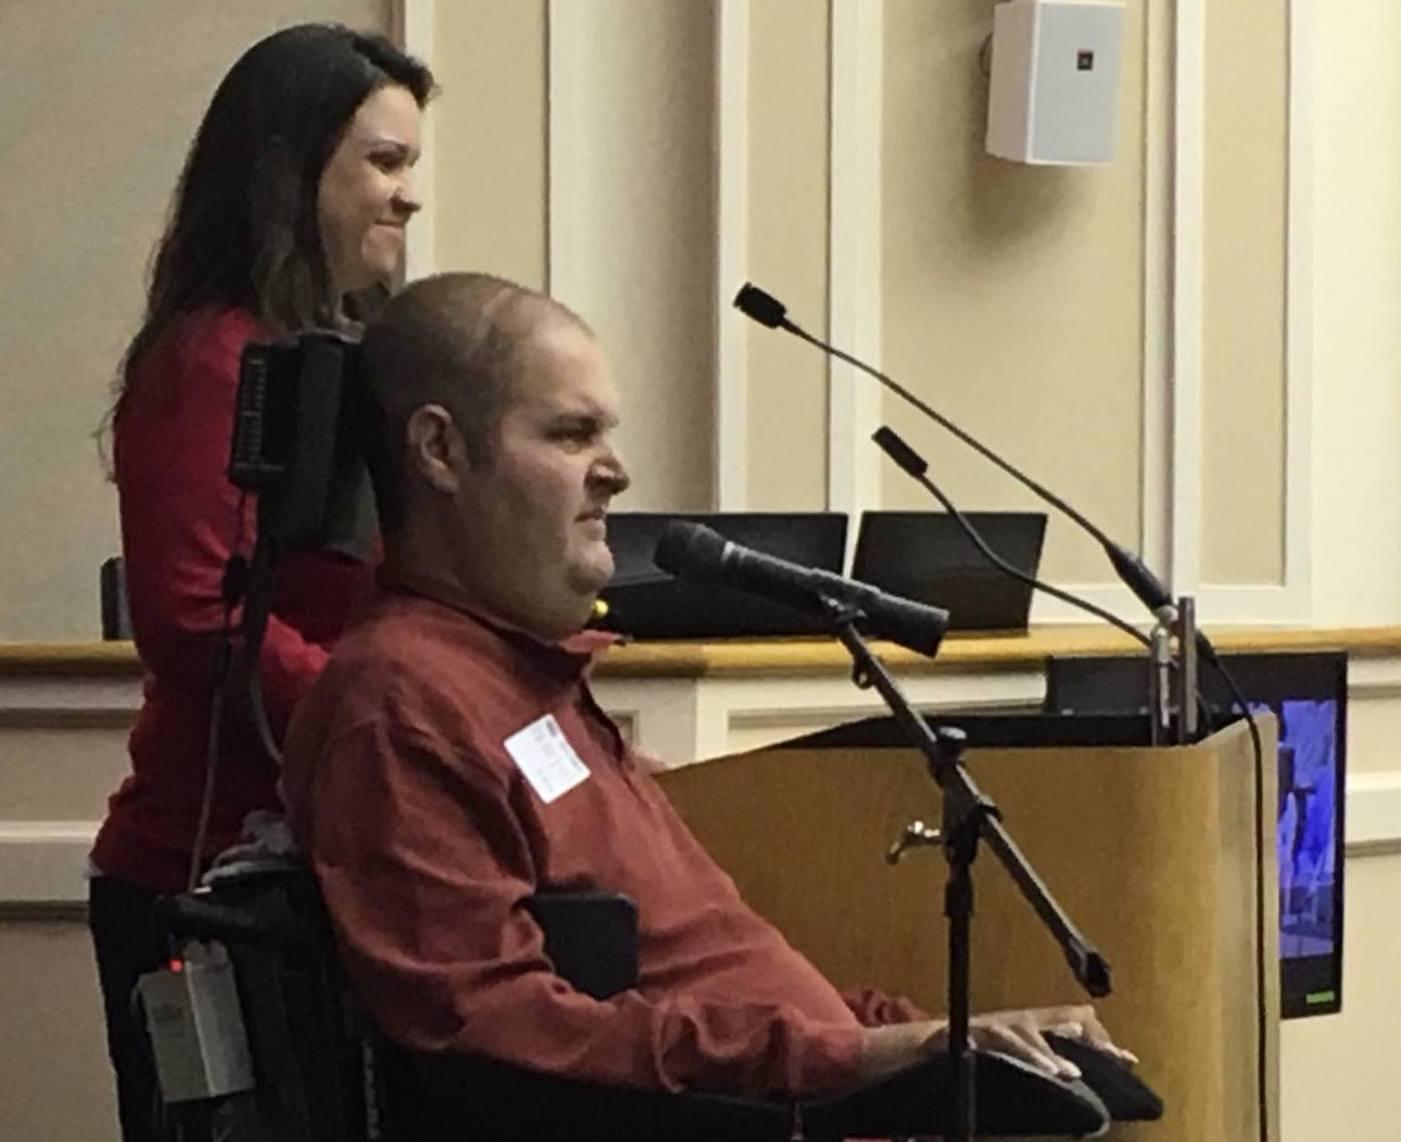 Jason Jones and Christina Espinosa Bard Presenting at the City Council Meeting